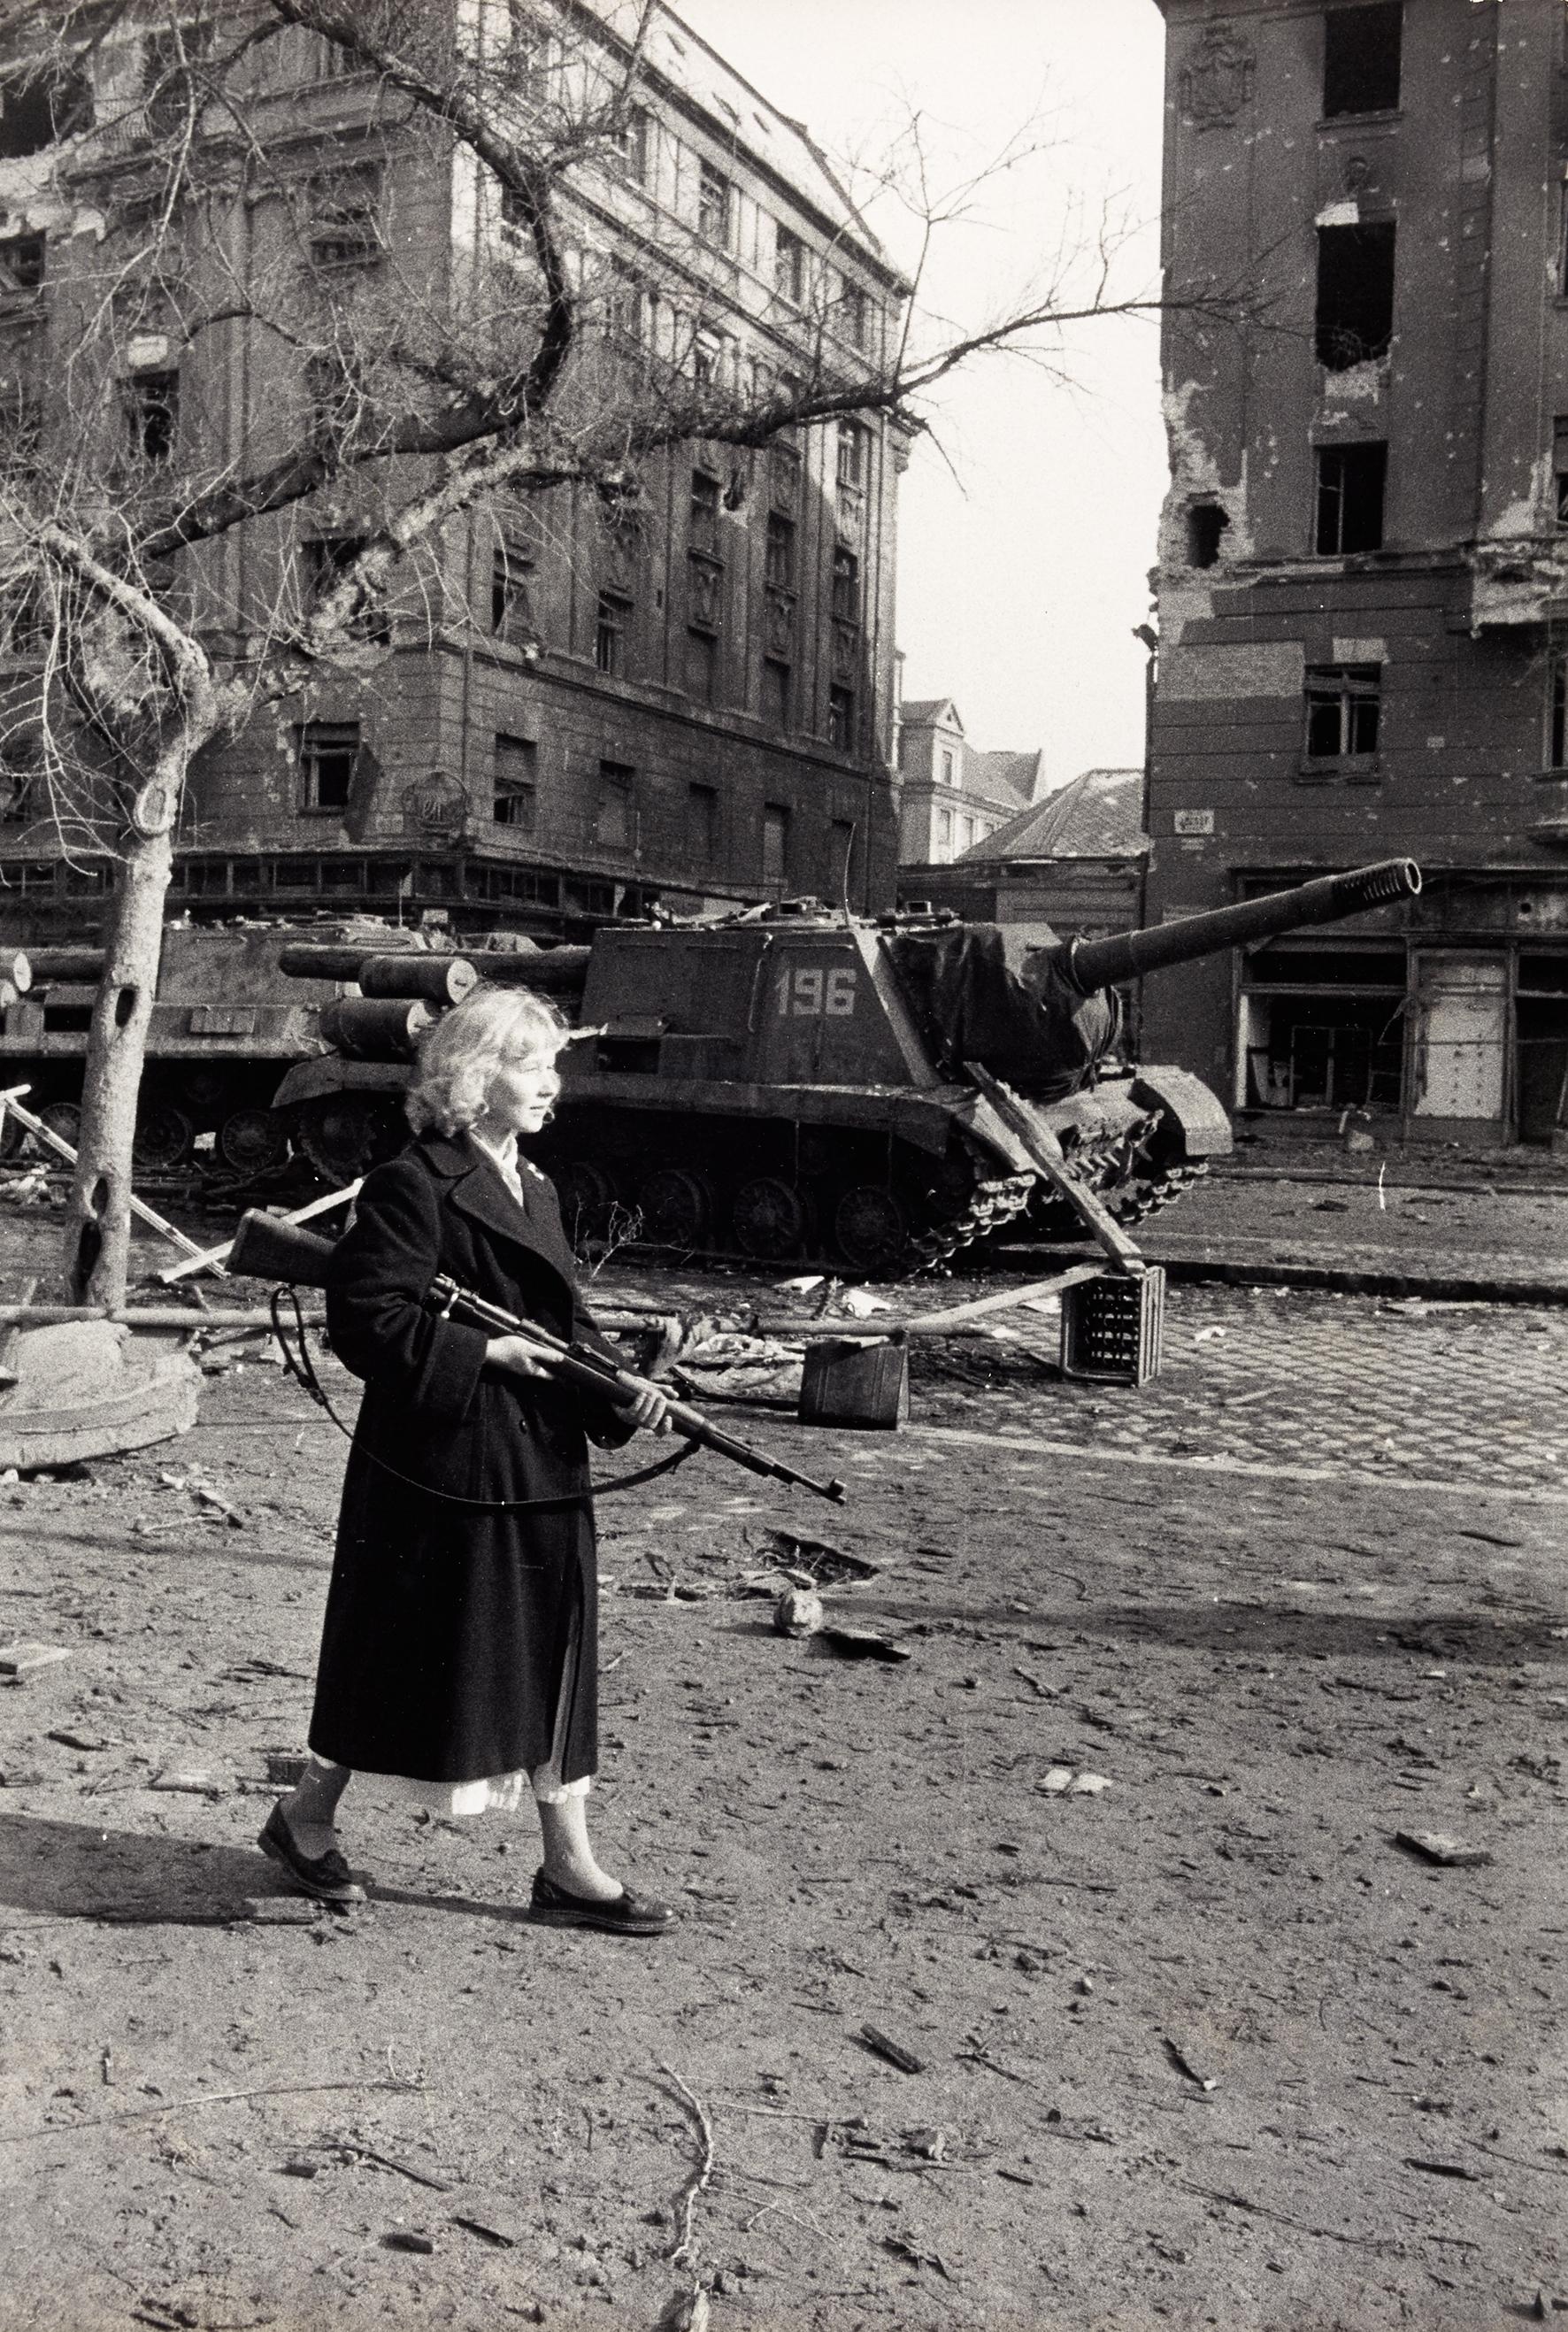 Rolf Gillhausen: Felkelő a József körút és az Üllői út sarkán, Budapest, 1956. október.<br />© Rolf Gillhausen